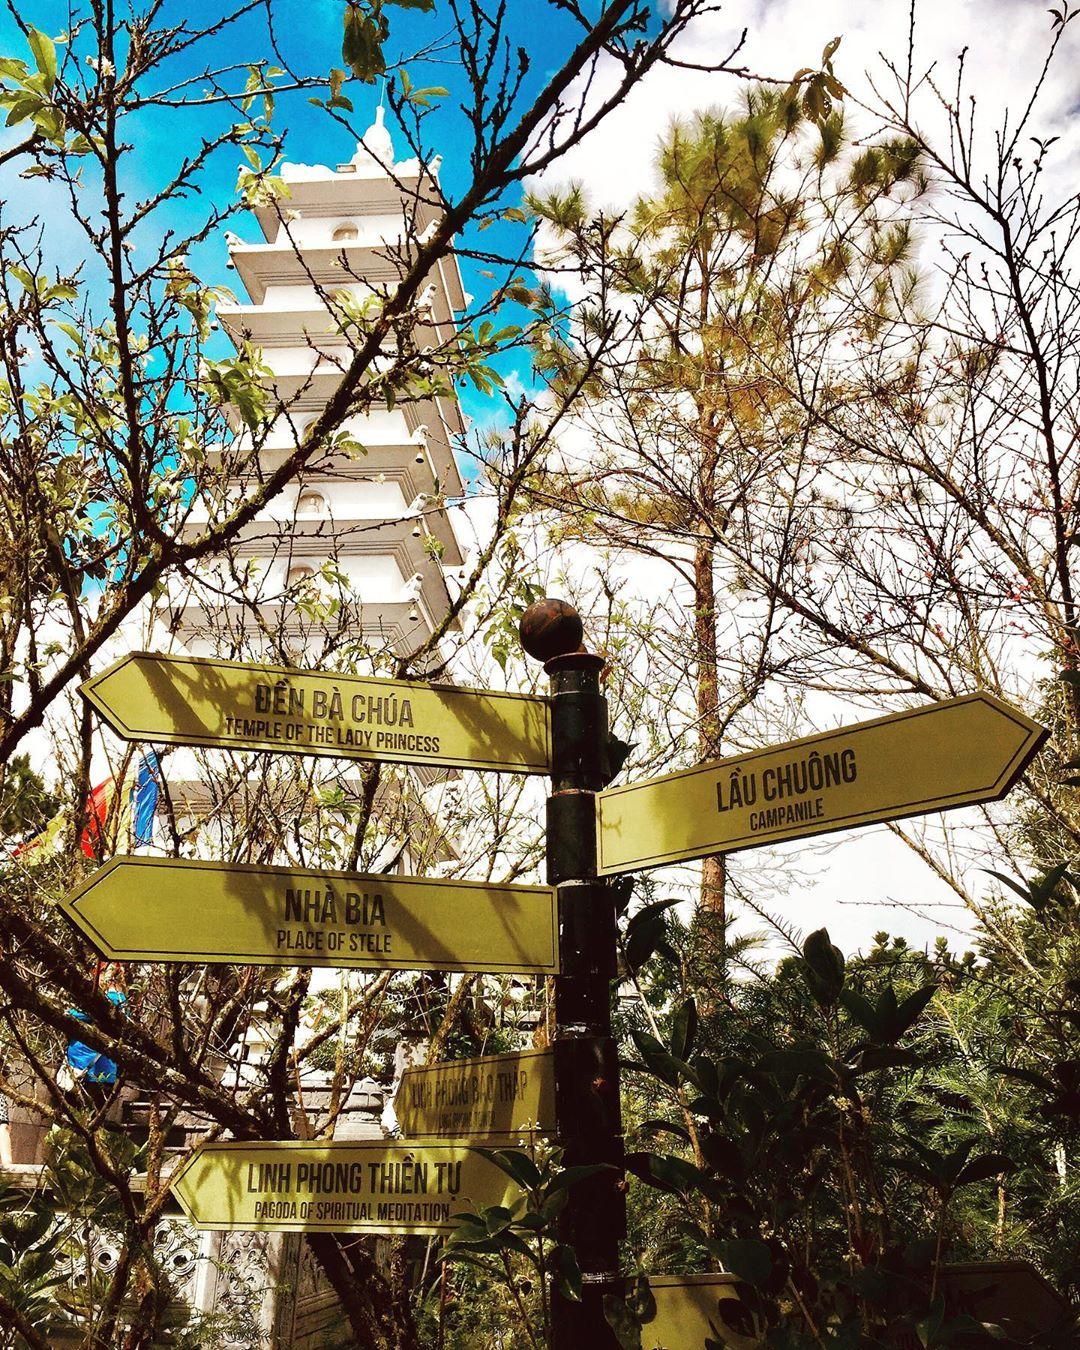 Tour du lịch Đà Nẵng 1 ngày: Đa dạng các hoạt động từ vui chơi thám hiểm đến nghỉ dưỡng thư giãn - Ảnh 10.